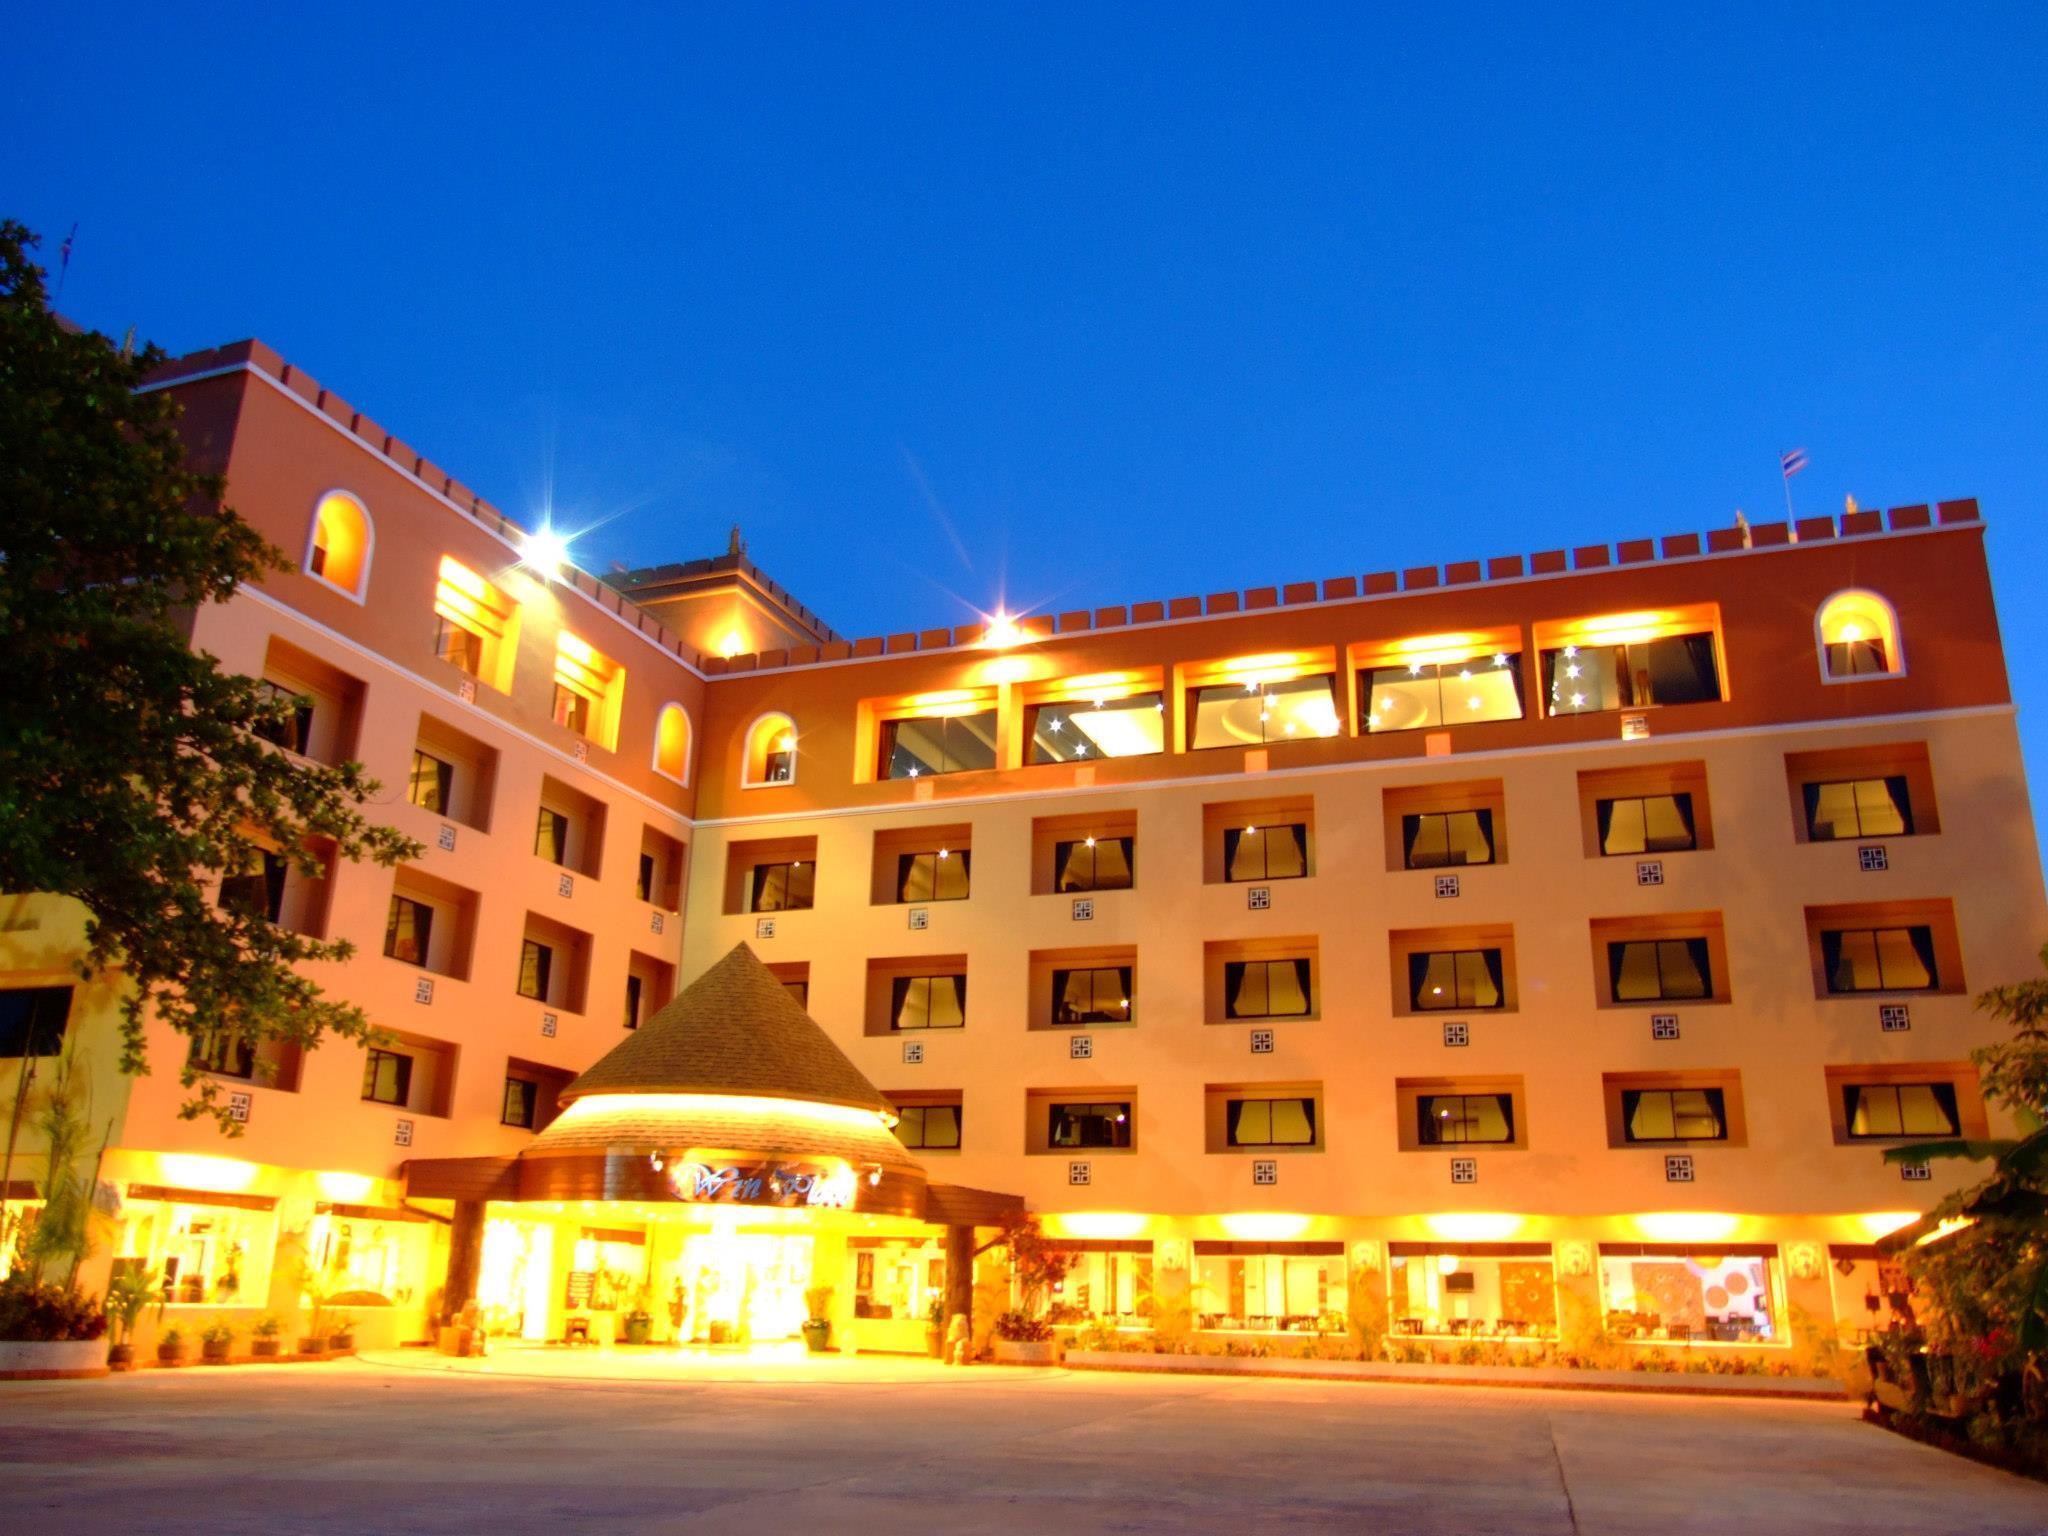 ウィン プレイス ホテル チェン マイ